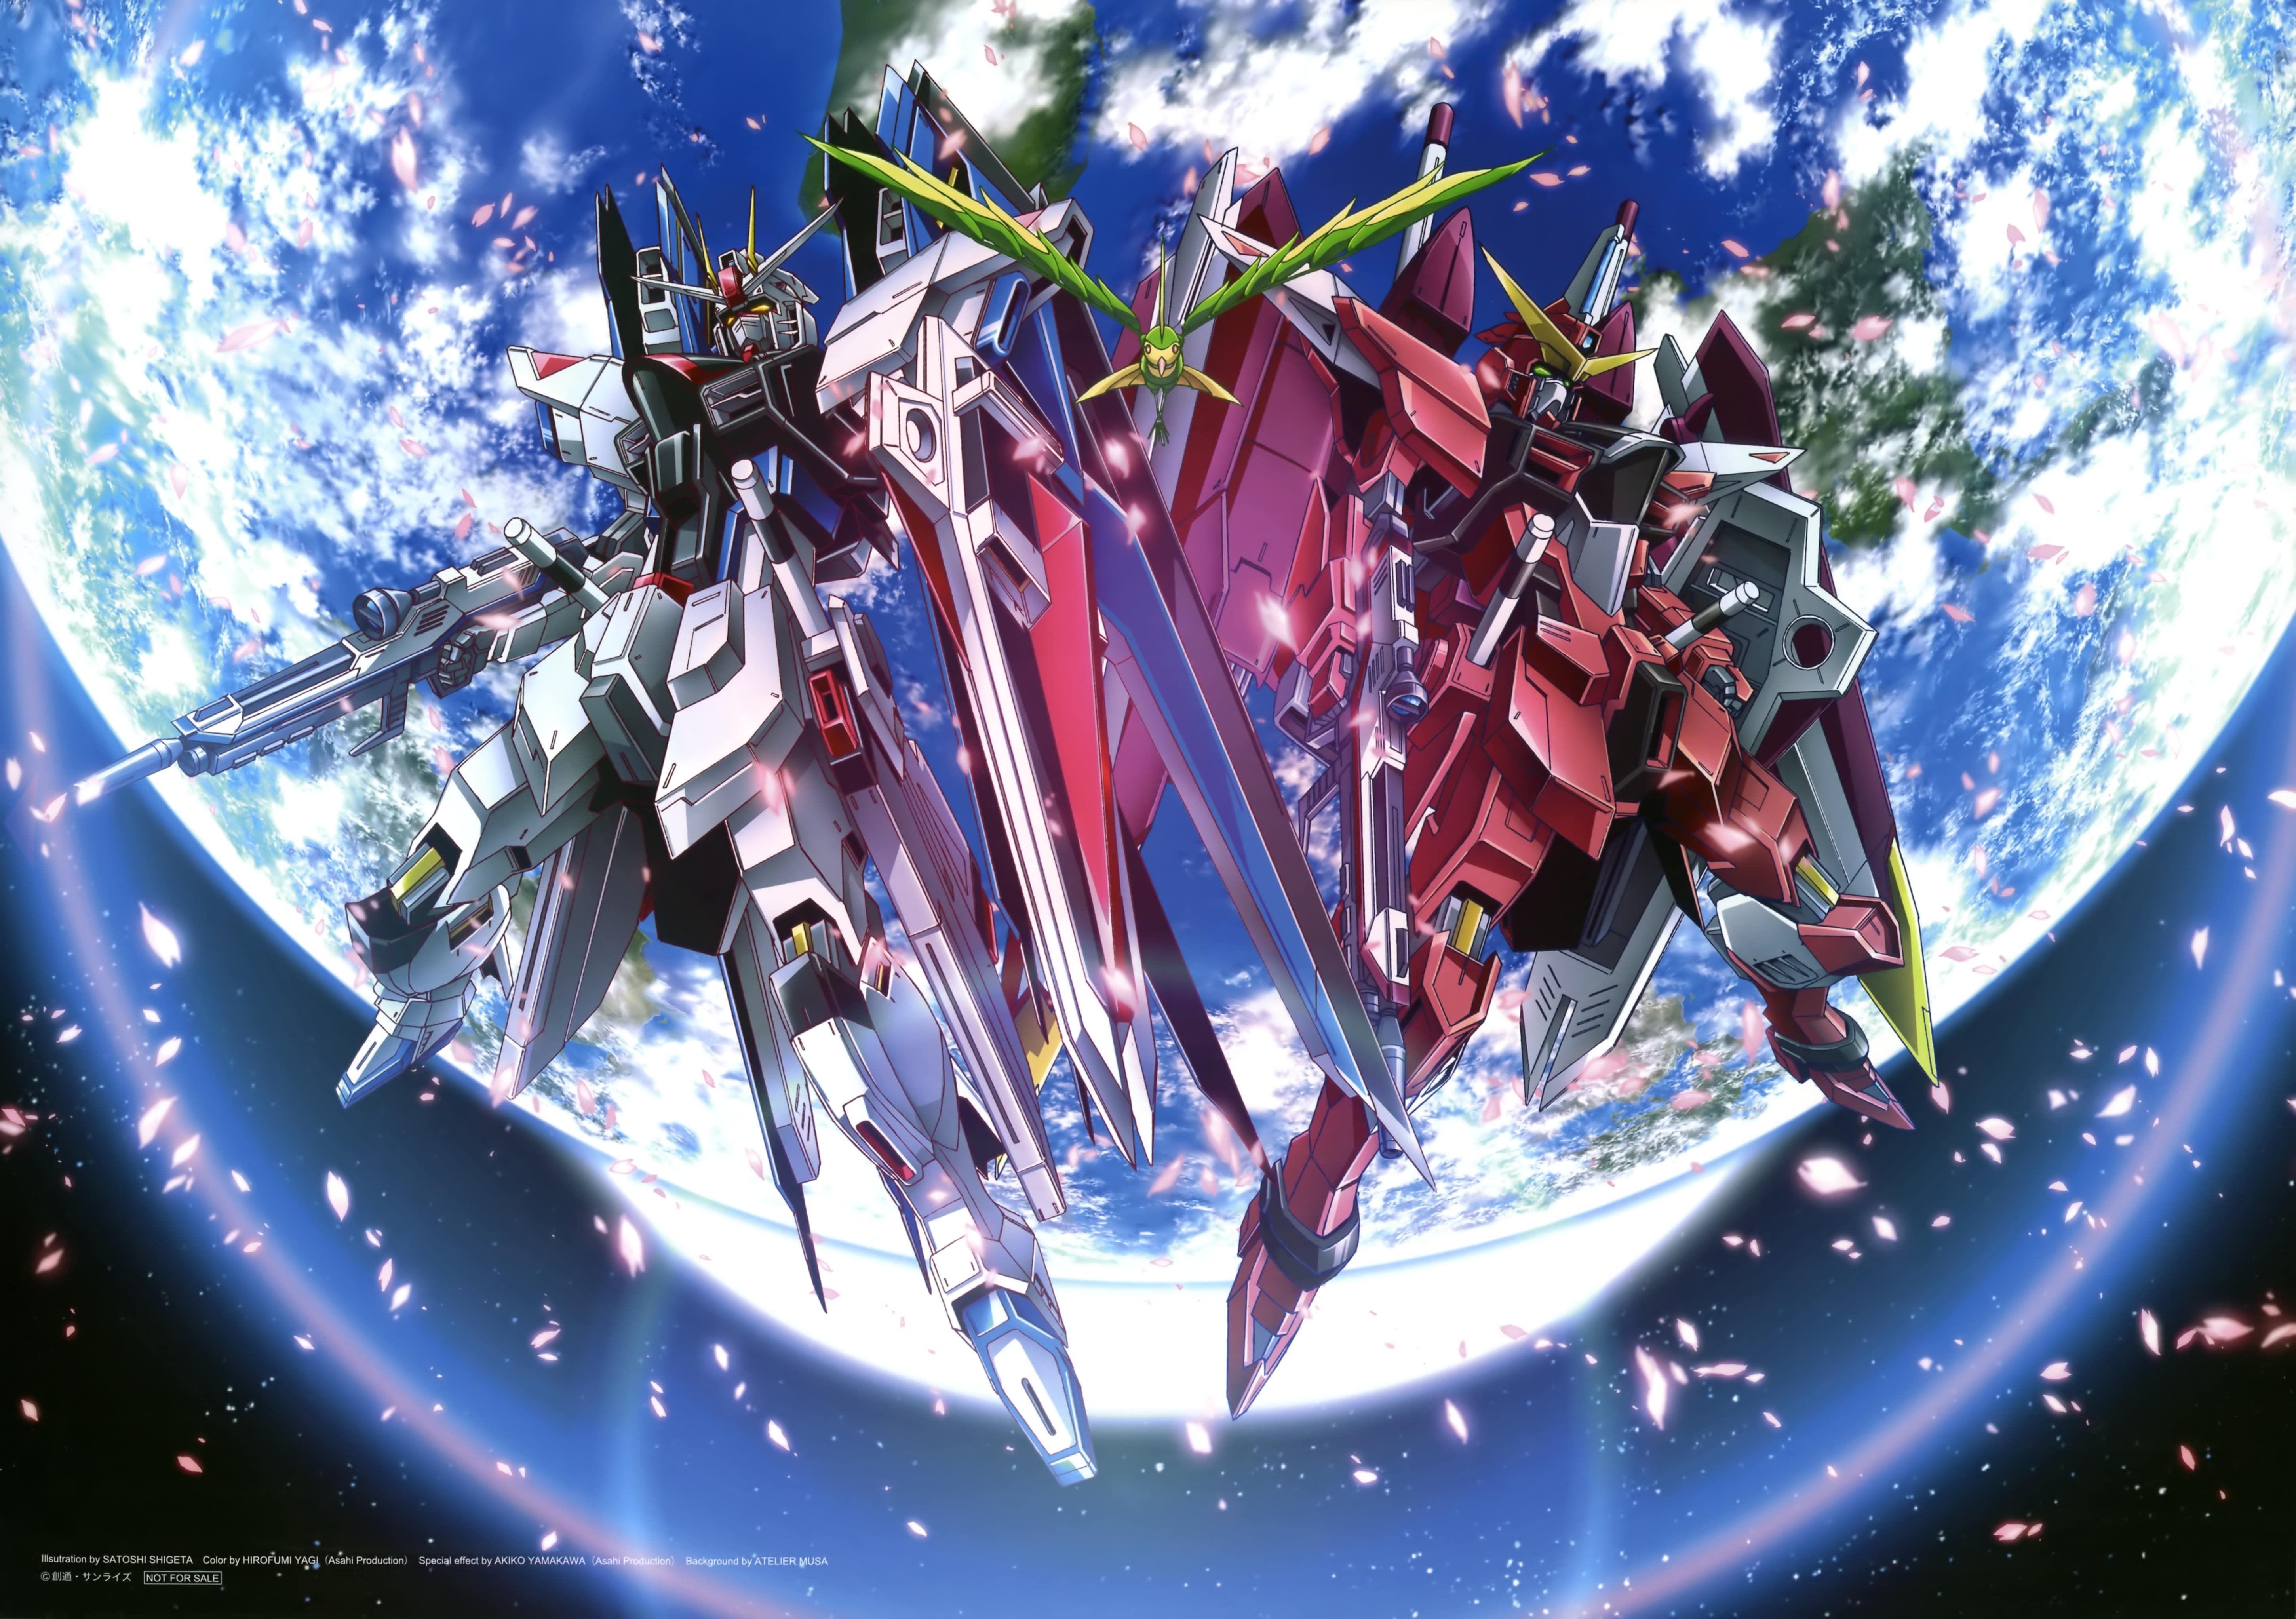 Freedom Gundam Justice Gundam Gundam Wallpapers Anime Gundam